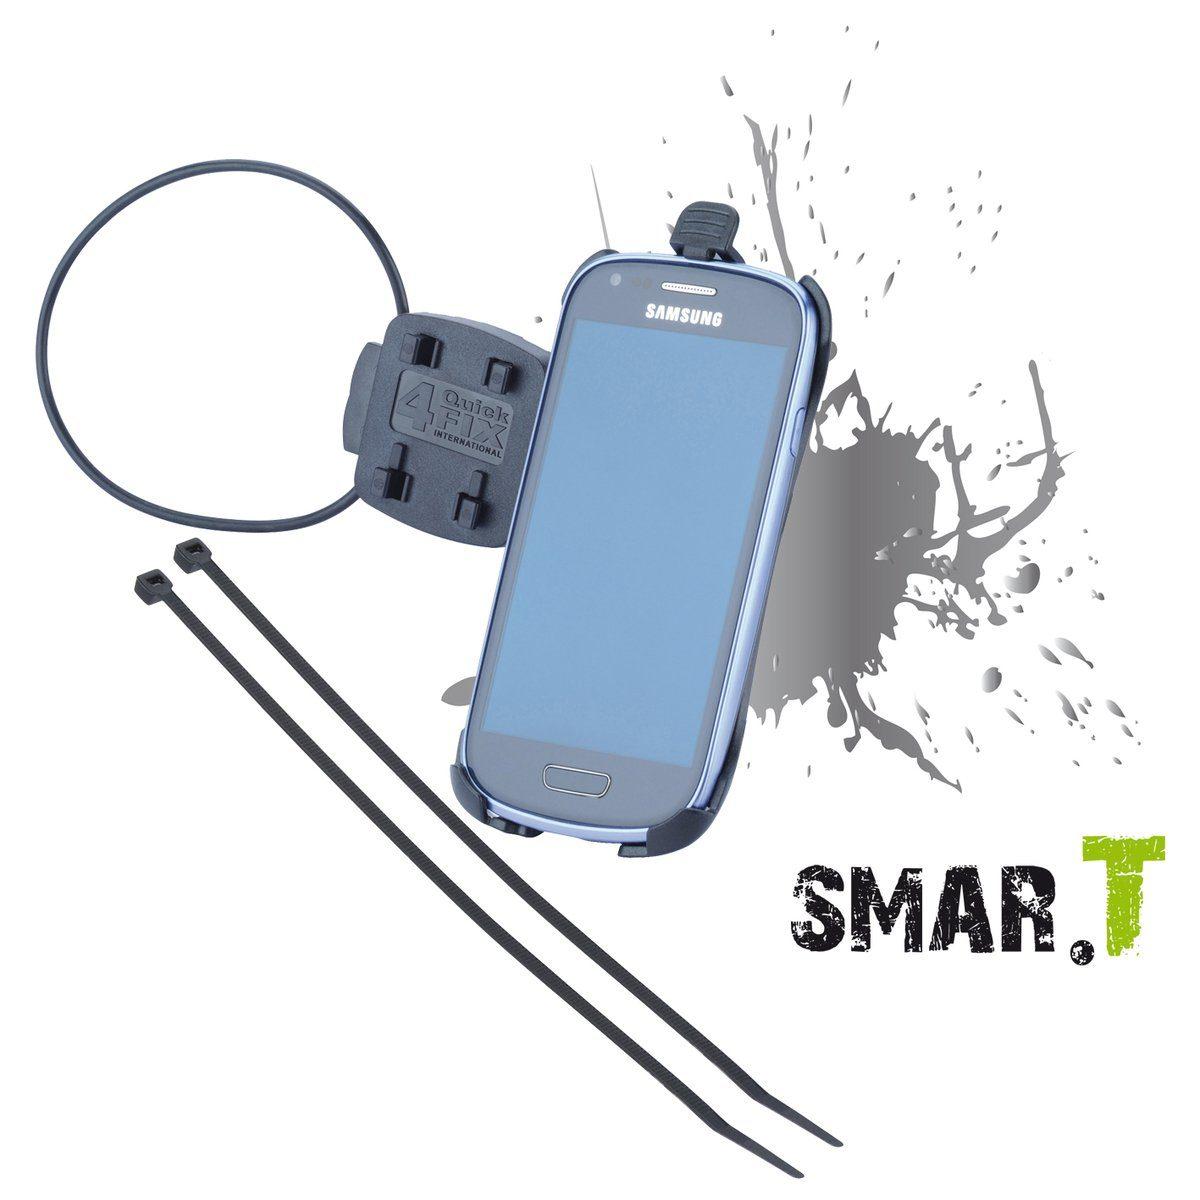 SMAR.T Fahrradhalterung »phone für Samsung Galaxy SIII mini«